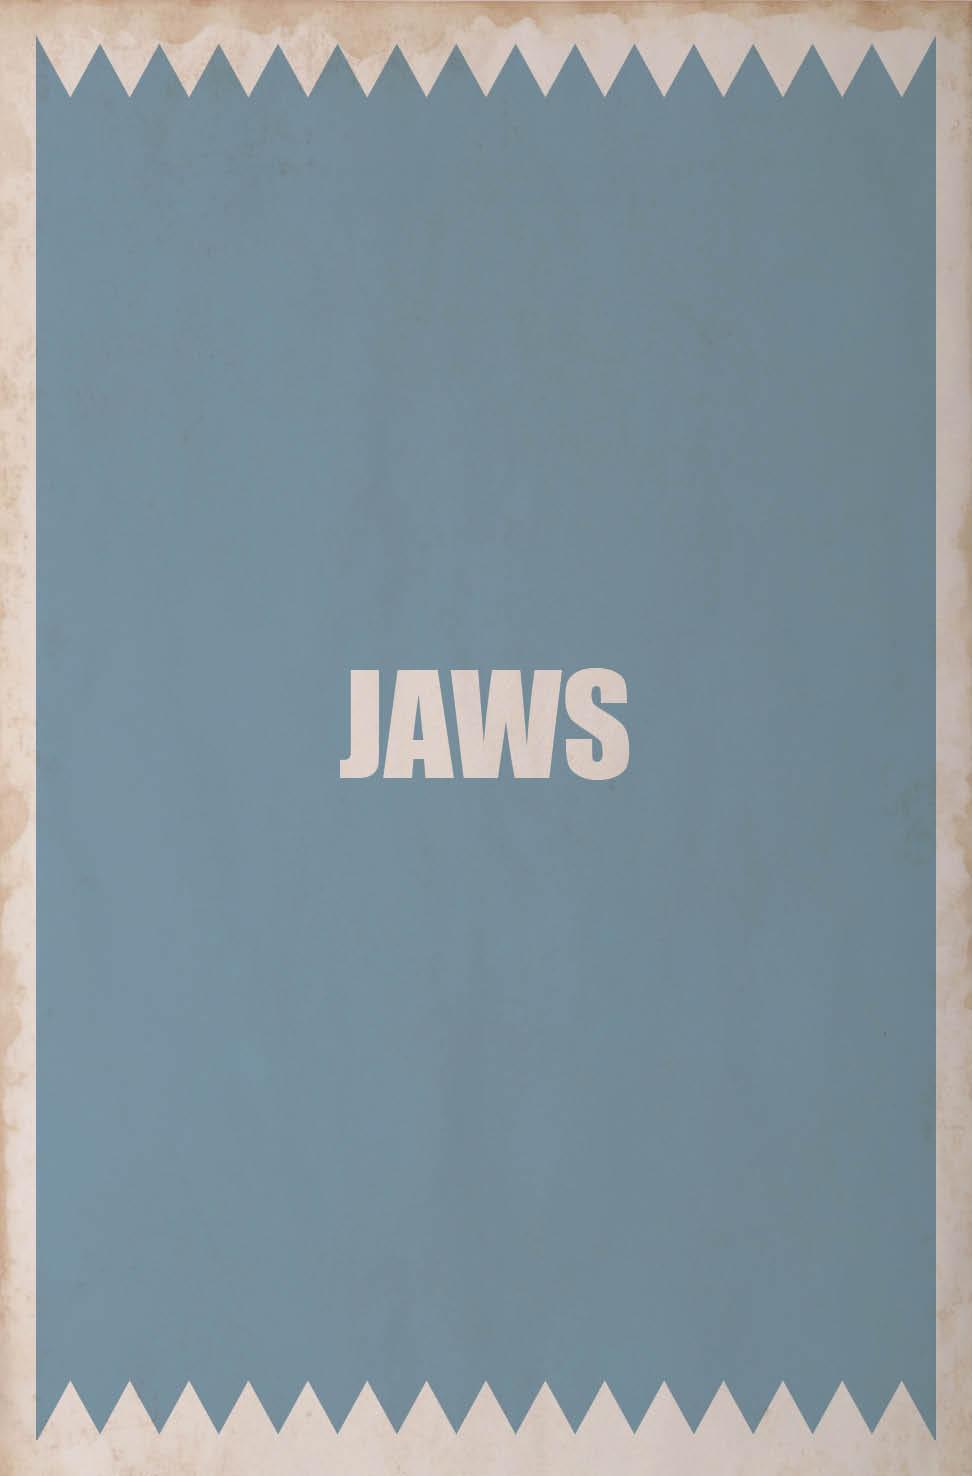 Great Minimalist Movie Poster Designs By Matt Owen